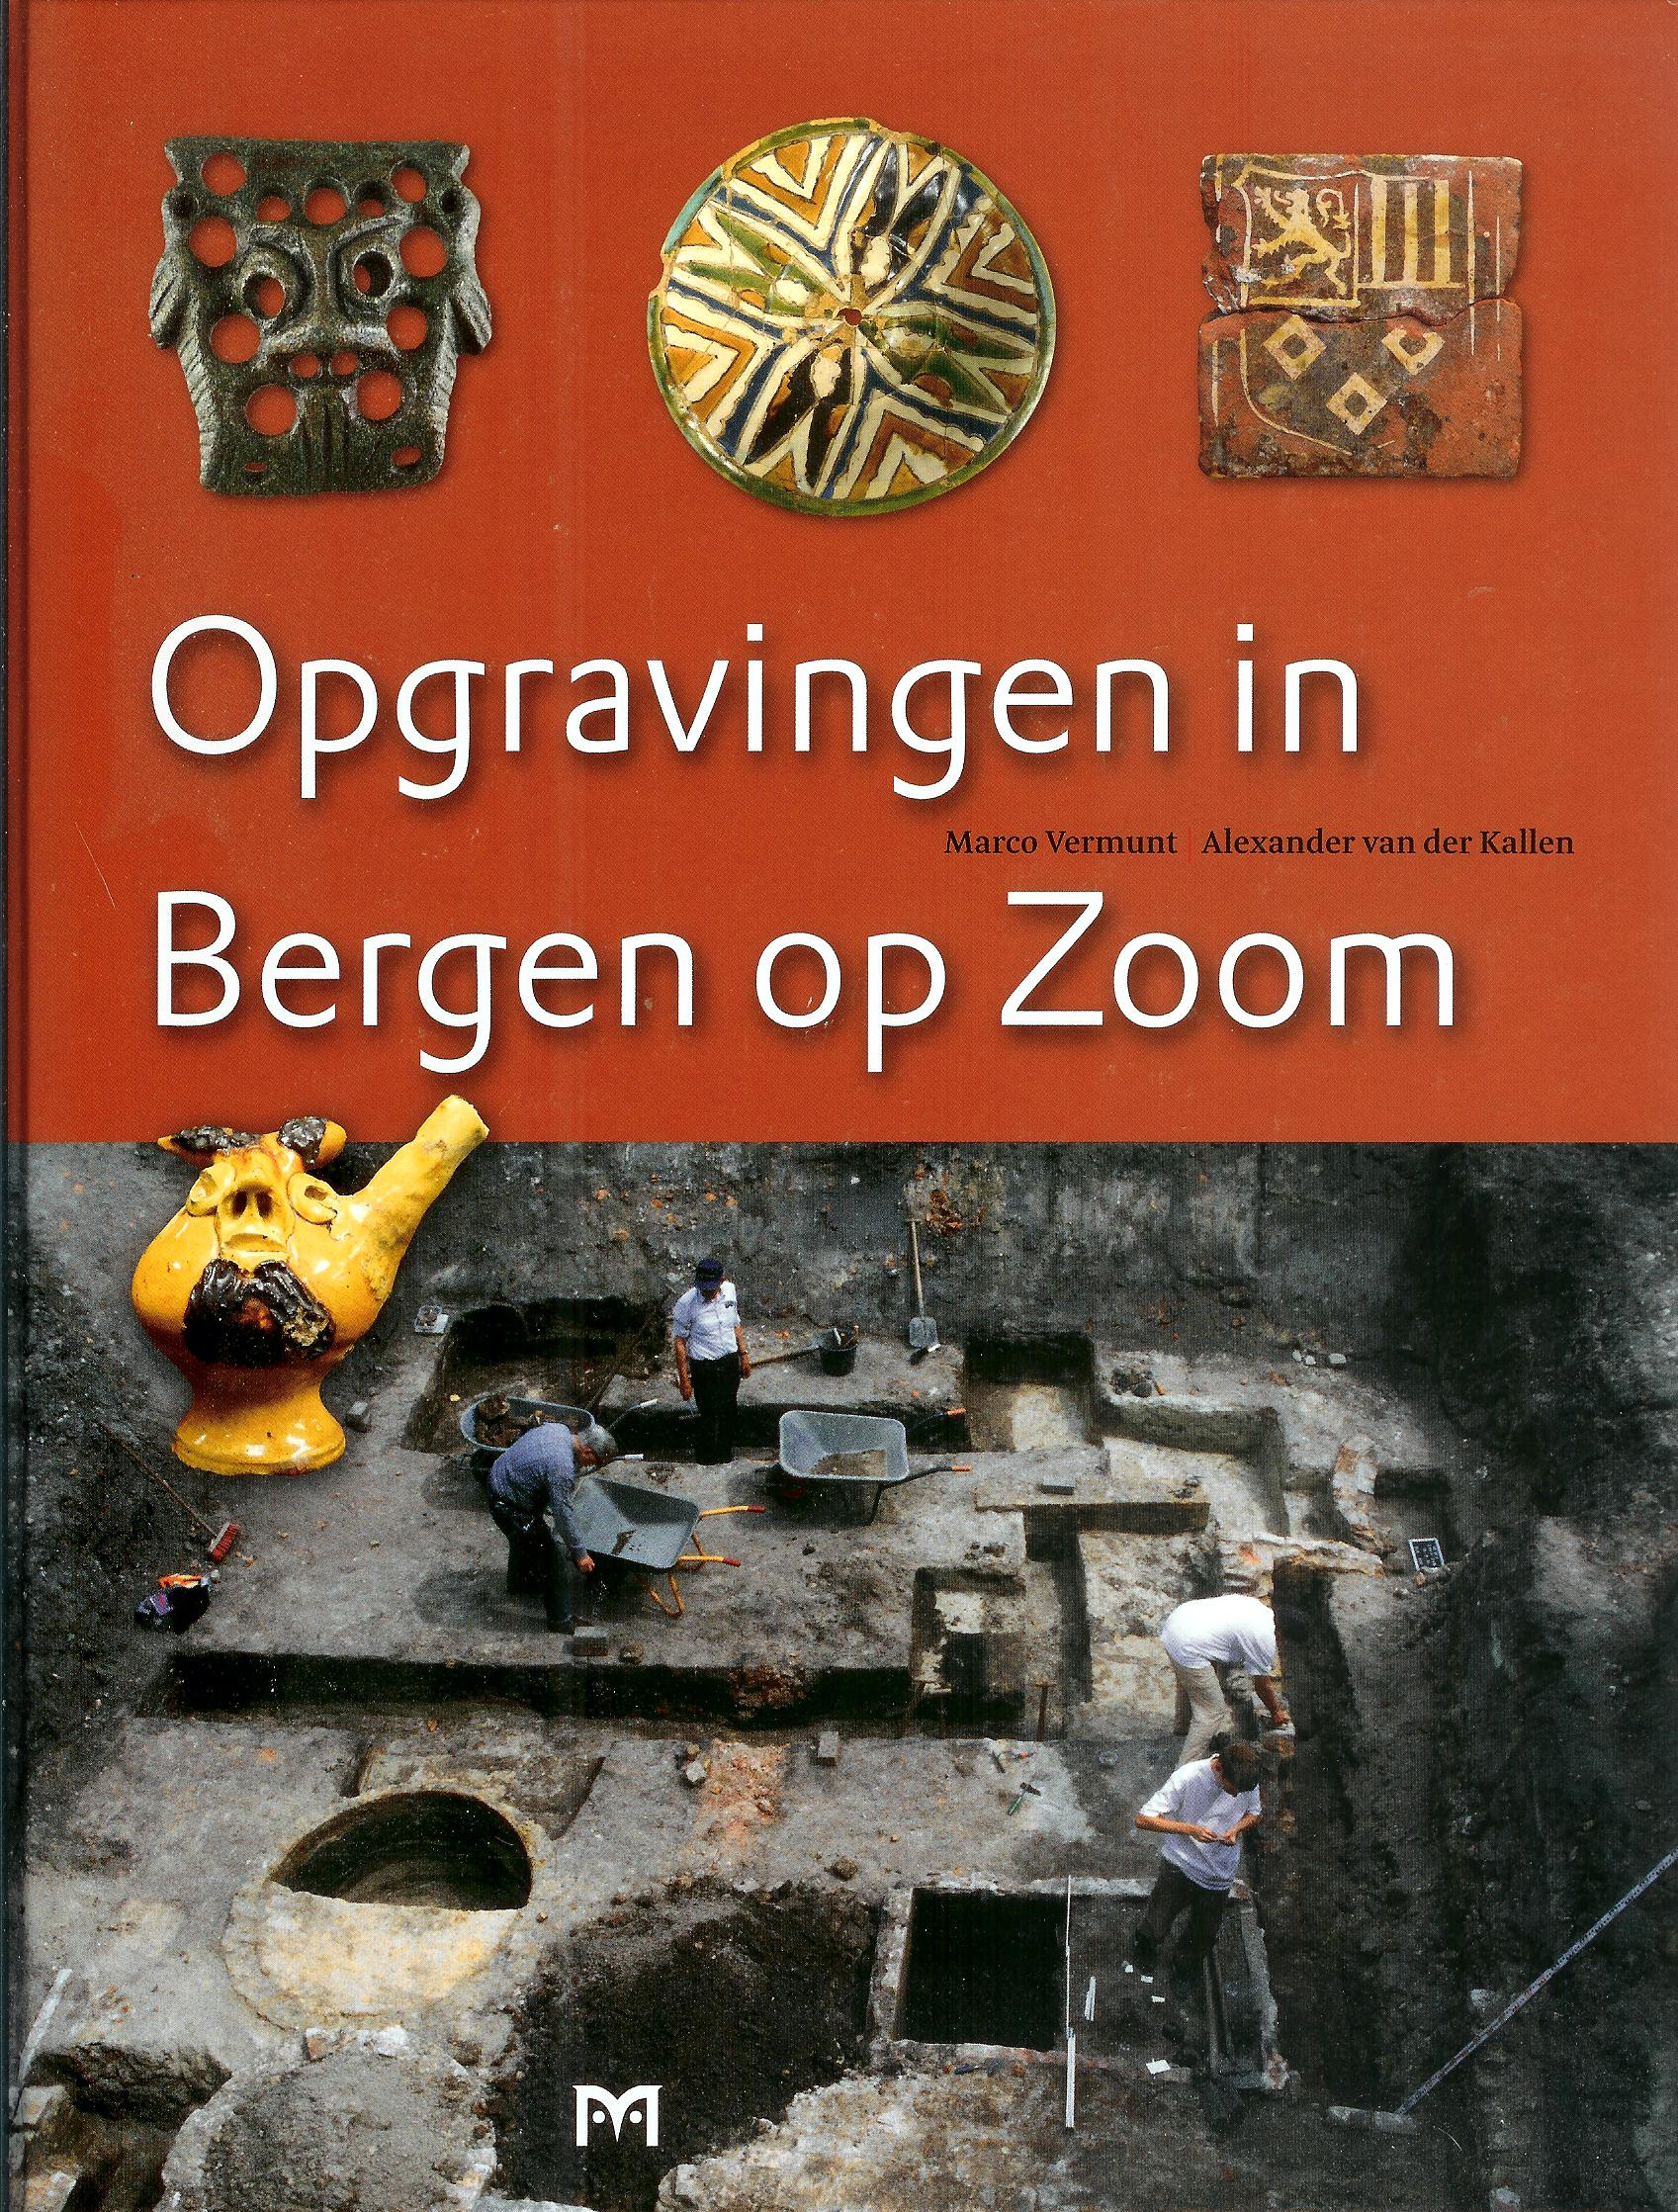 2012 Opgravingen in Bergen op Zoom